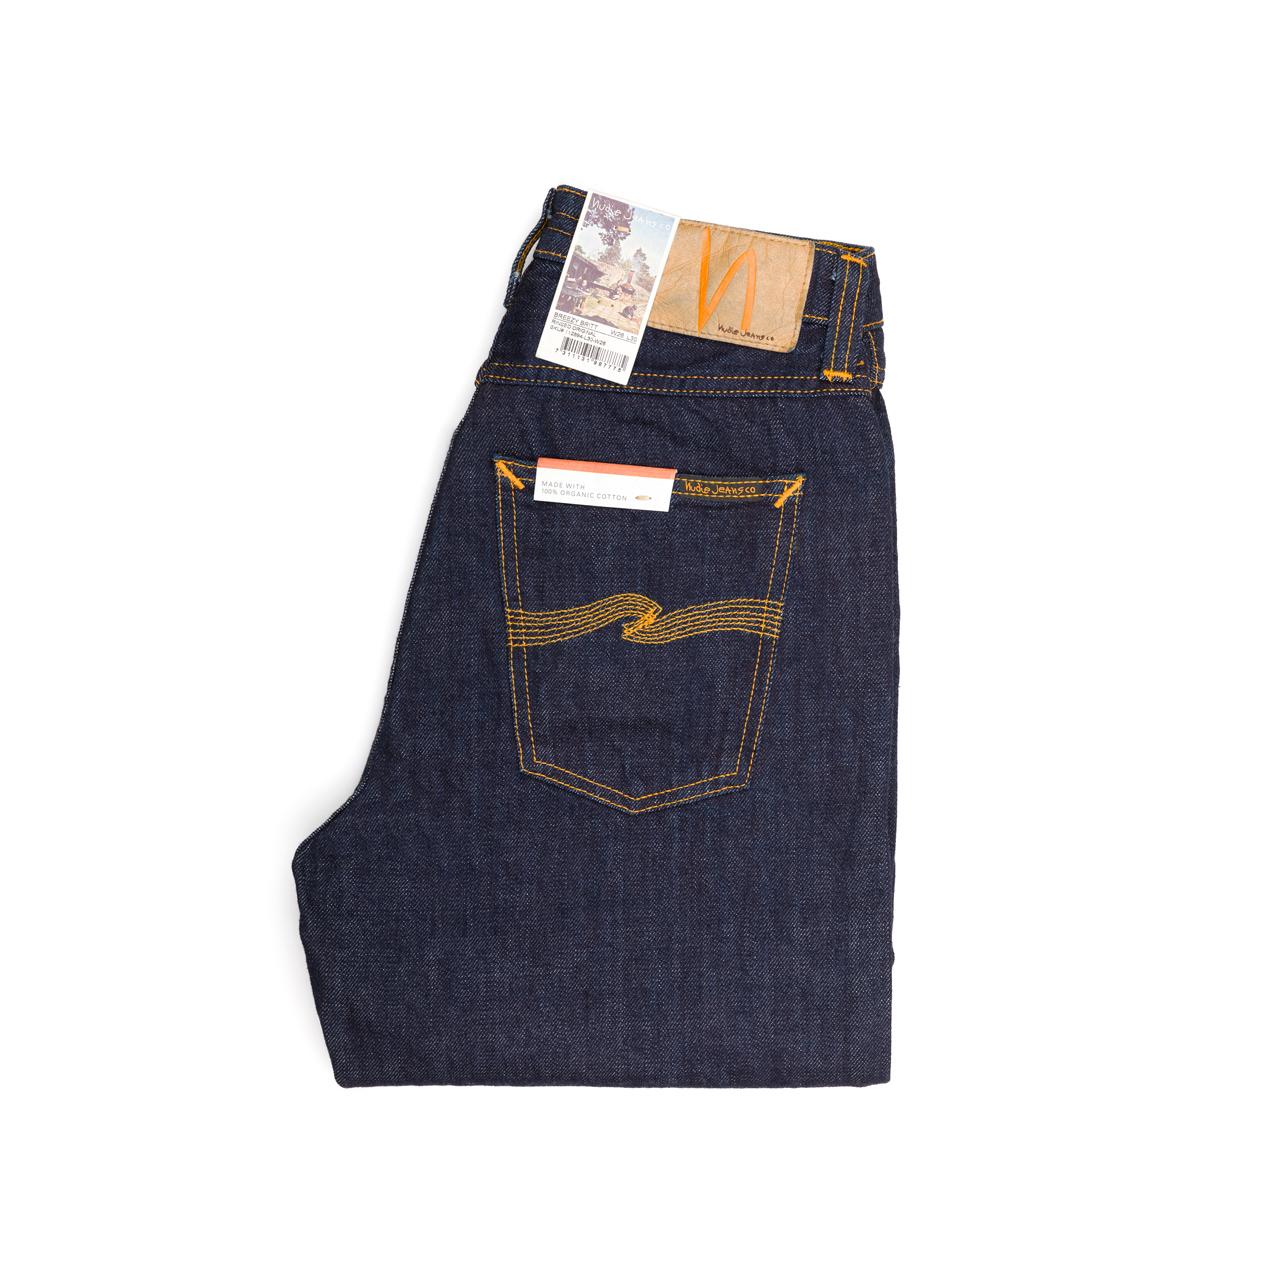 Nudie Jeans - BREEZY BRITT - Rinsed Original